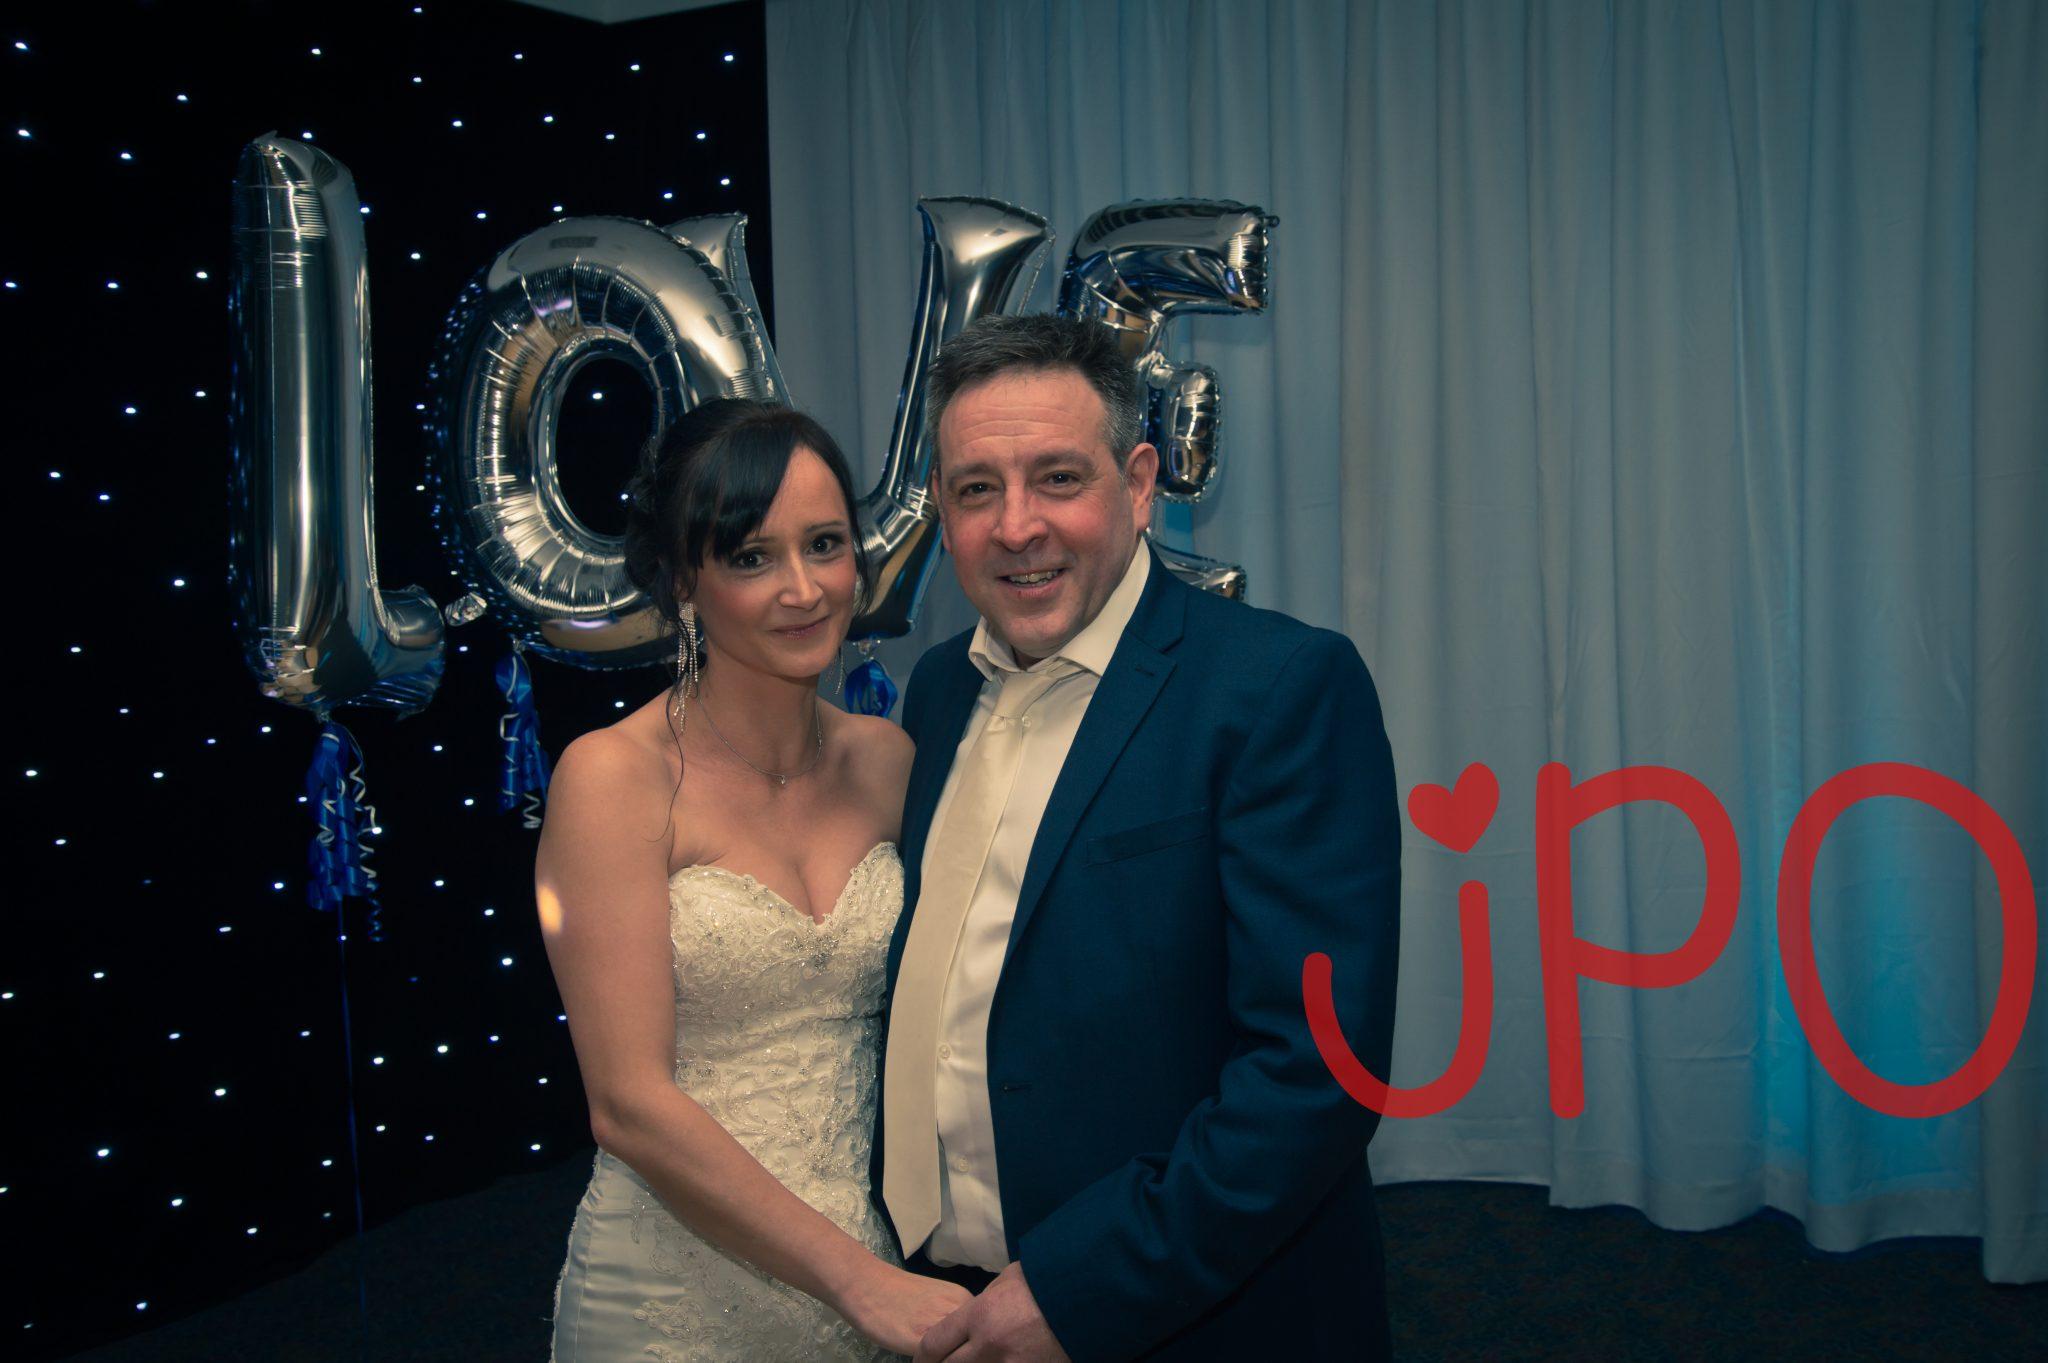 Anthony and Catherine wedding shoot